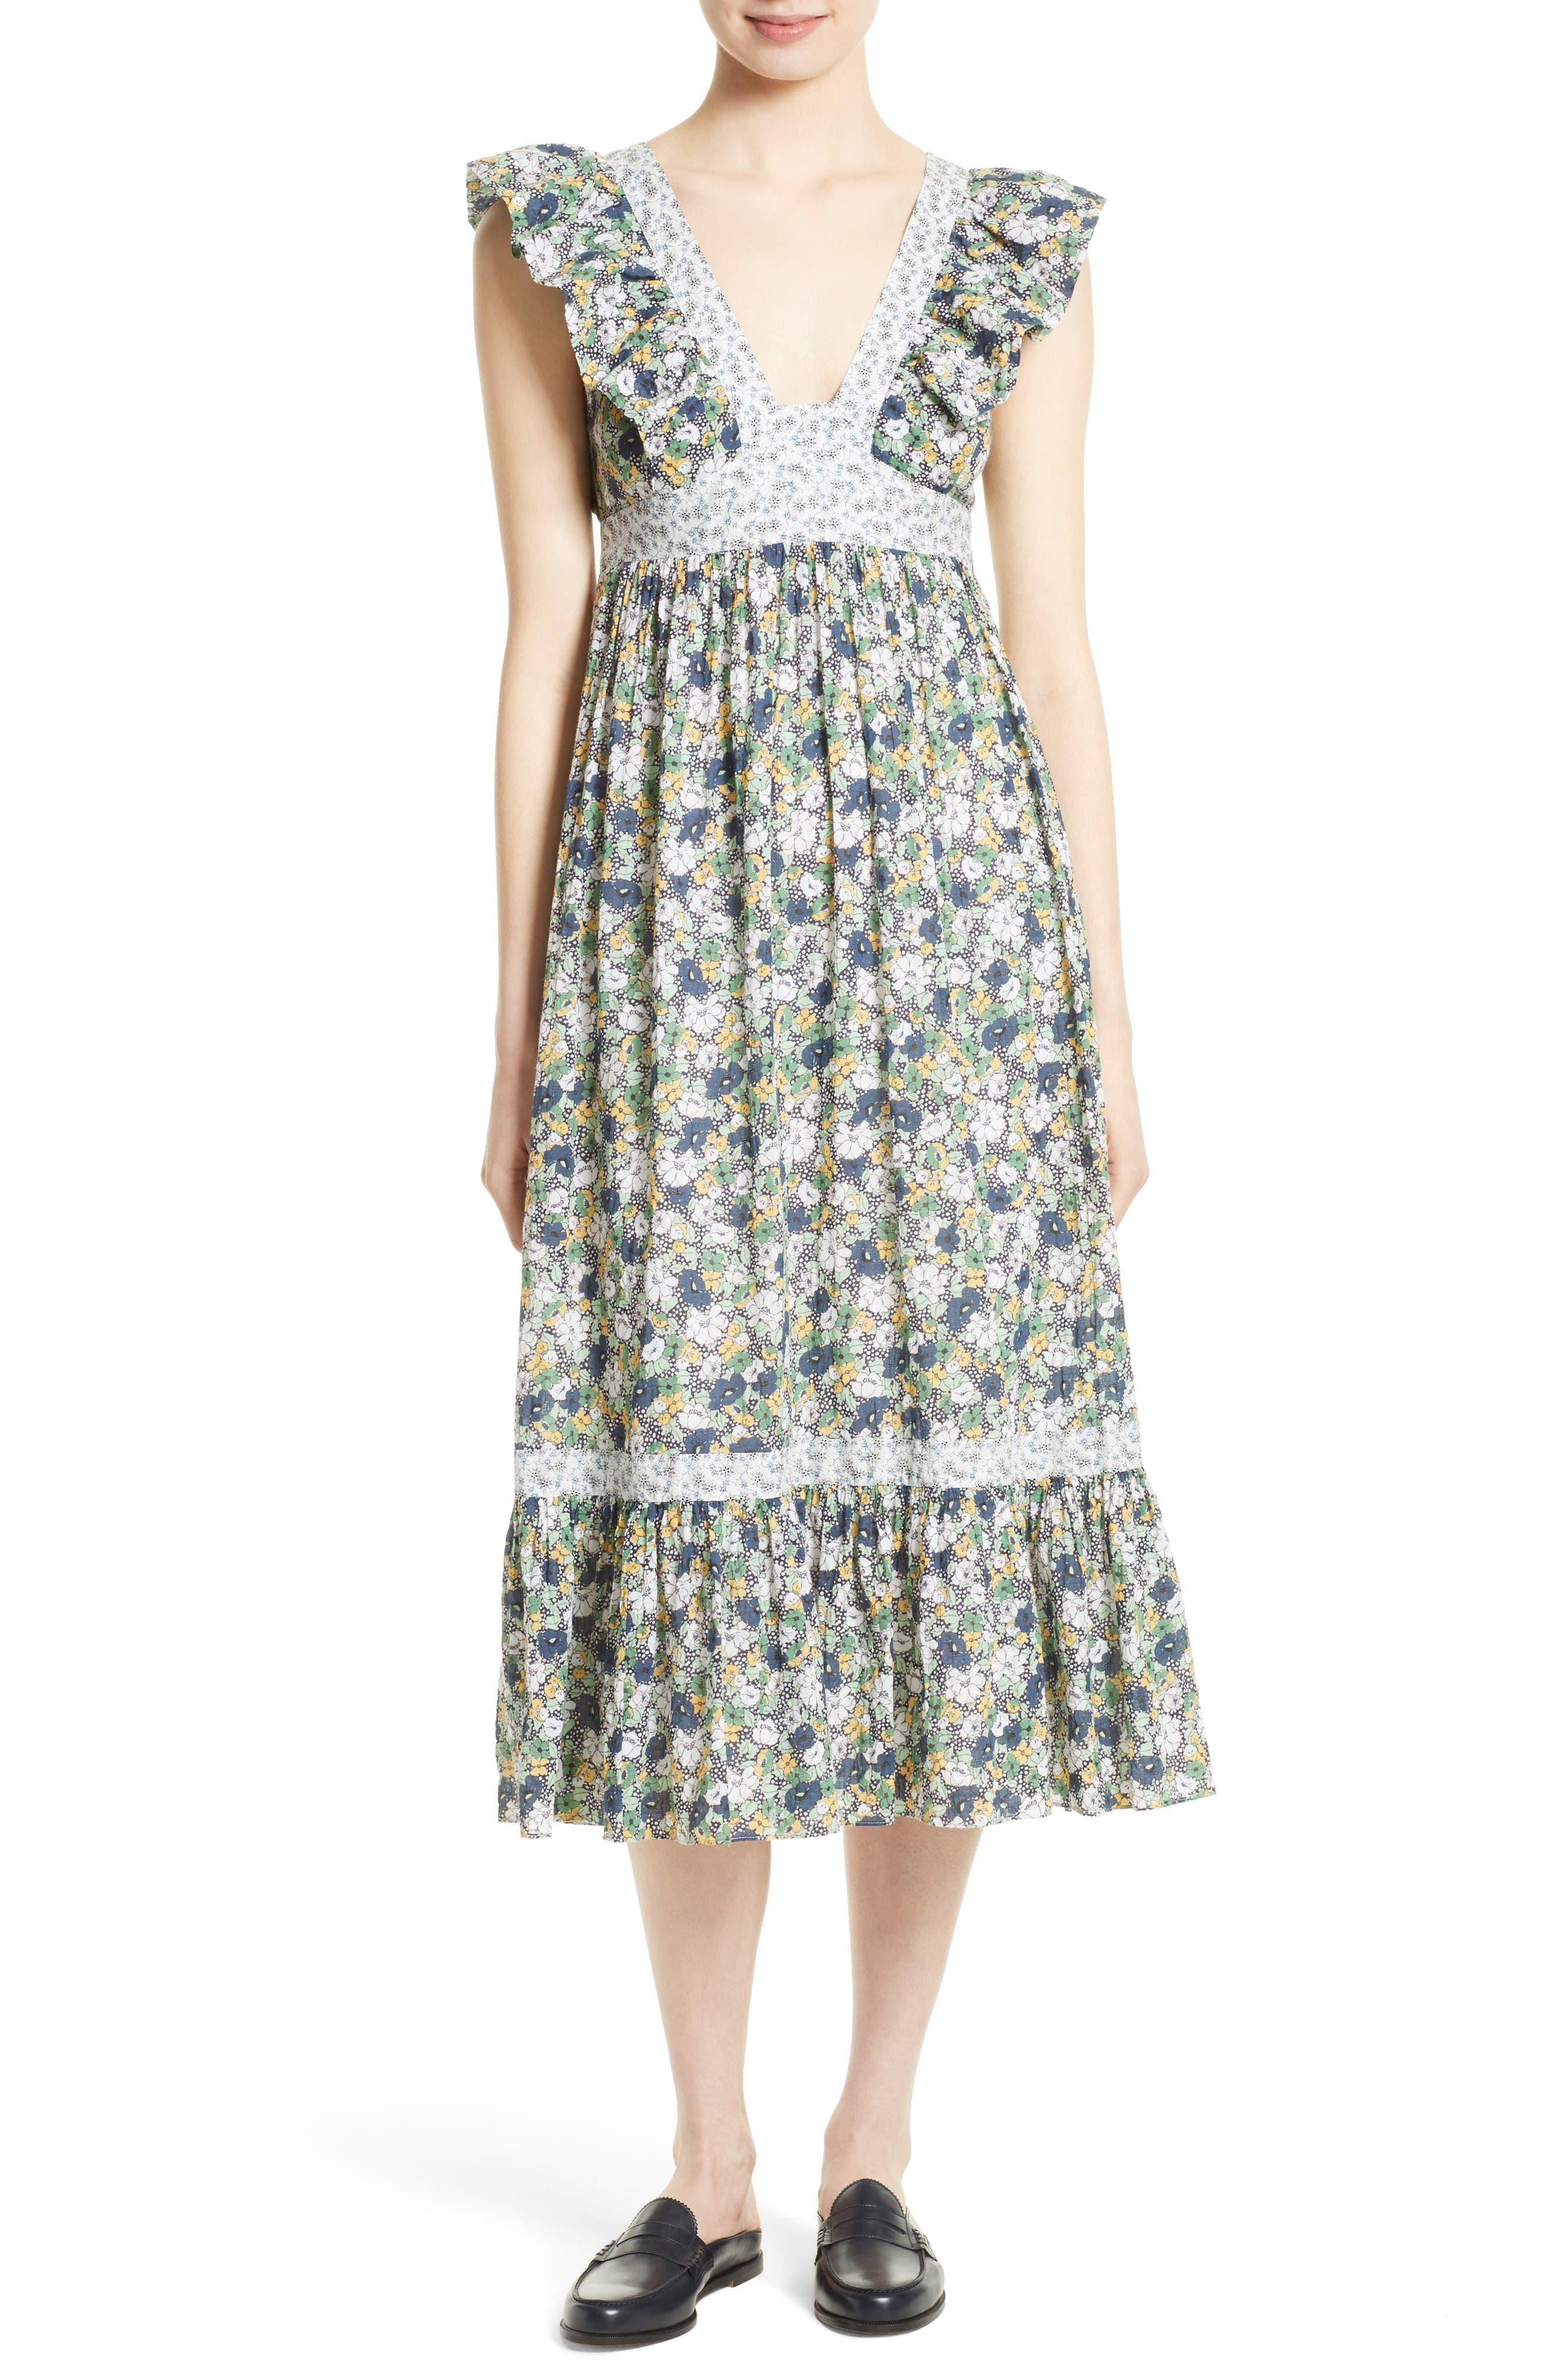 La Vie Rebecca Taylor Suzette Floral Midi Dress